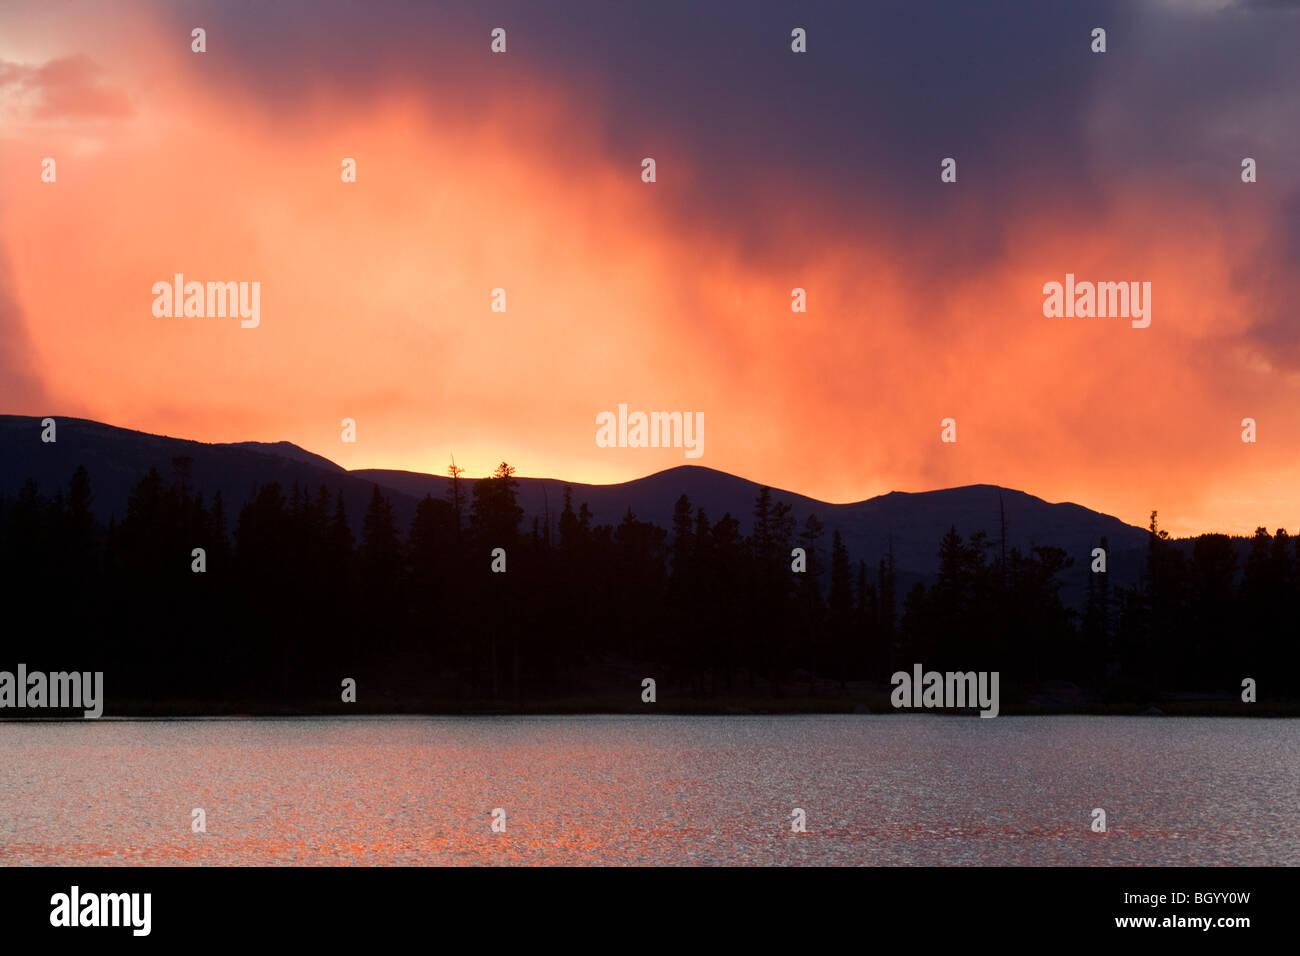 Coucher de soleil sur le lac Écho, Mount Evans Recreation Area, Arapaho National Forest, Colorado. Photo Stock